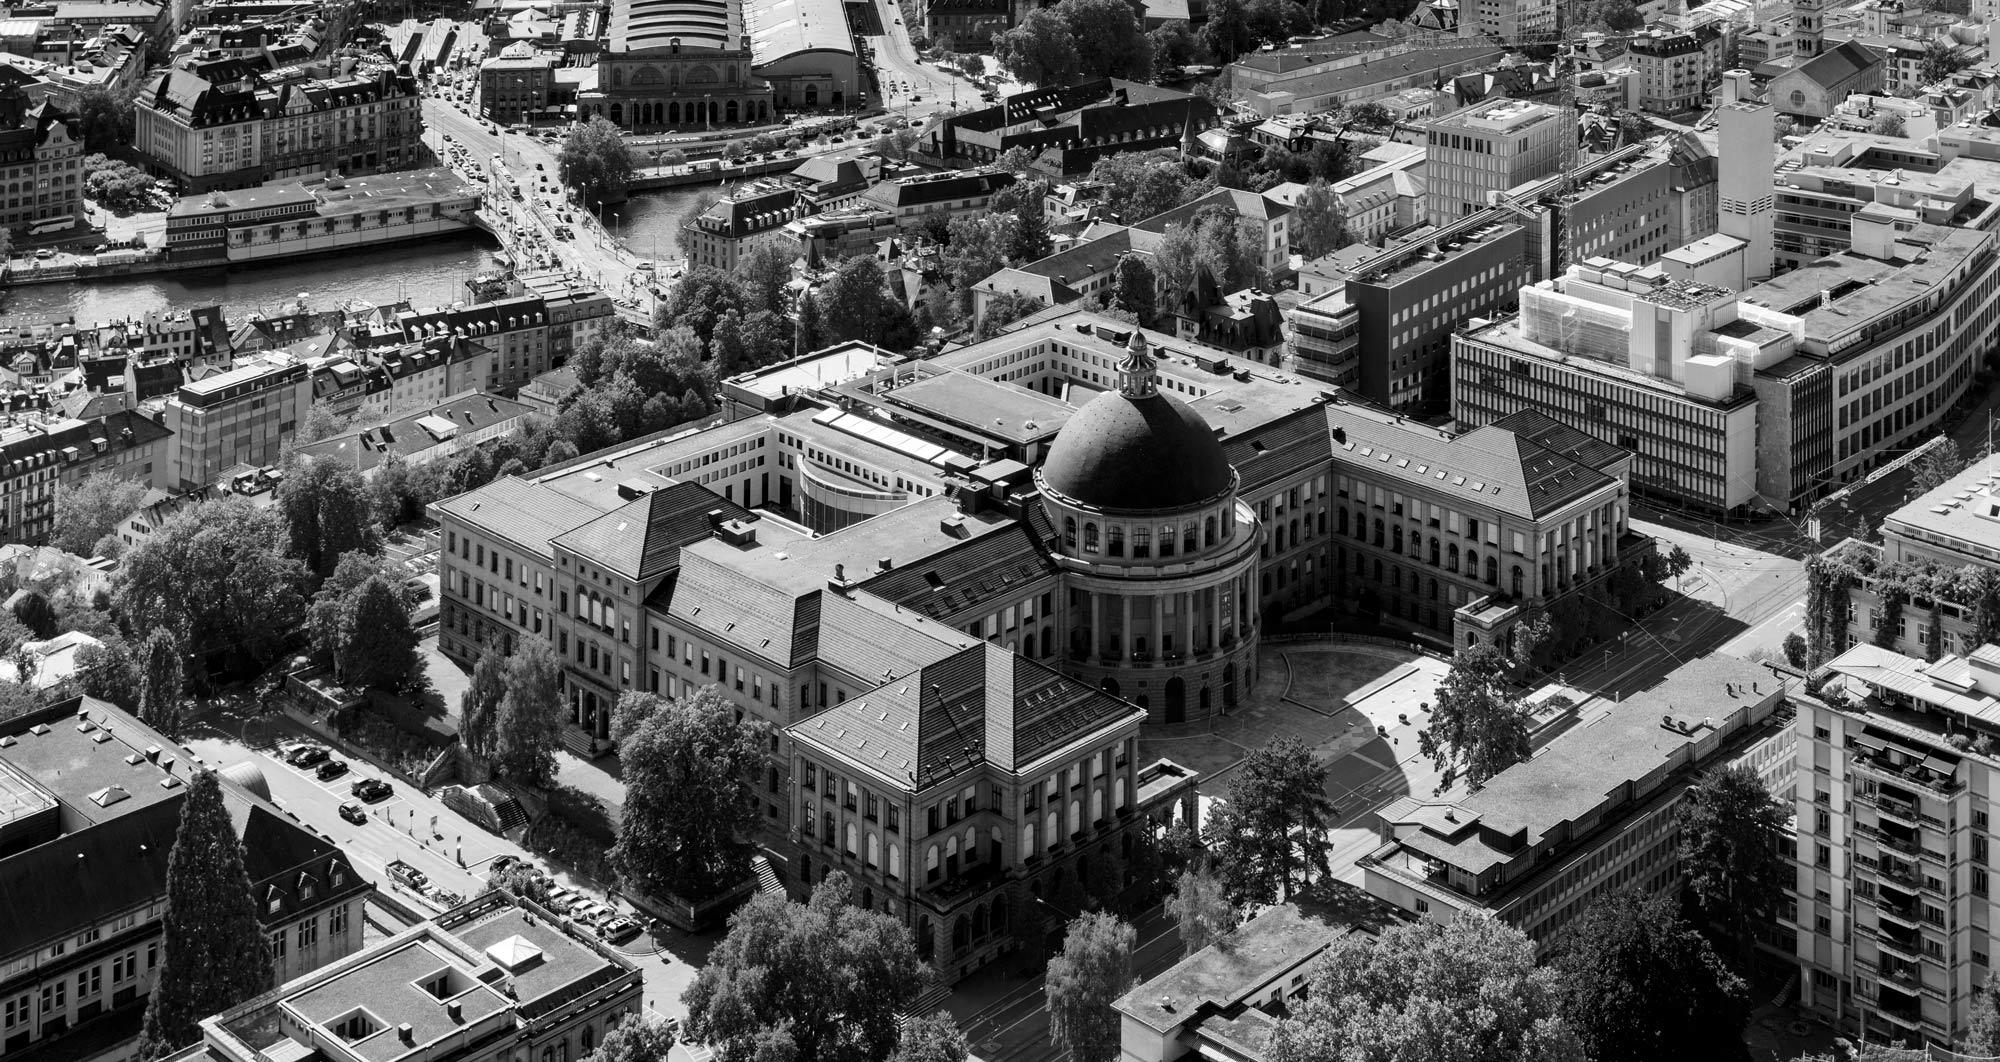 Eidgenössische Technische Hochschule Zürich in schwarz weiss